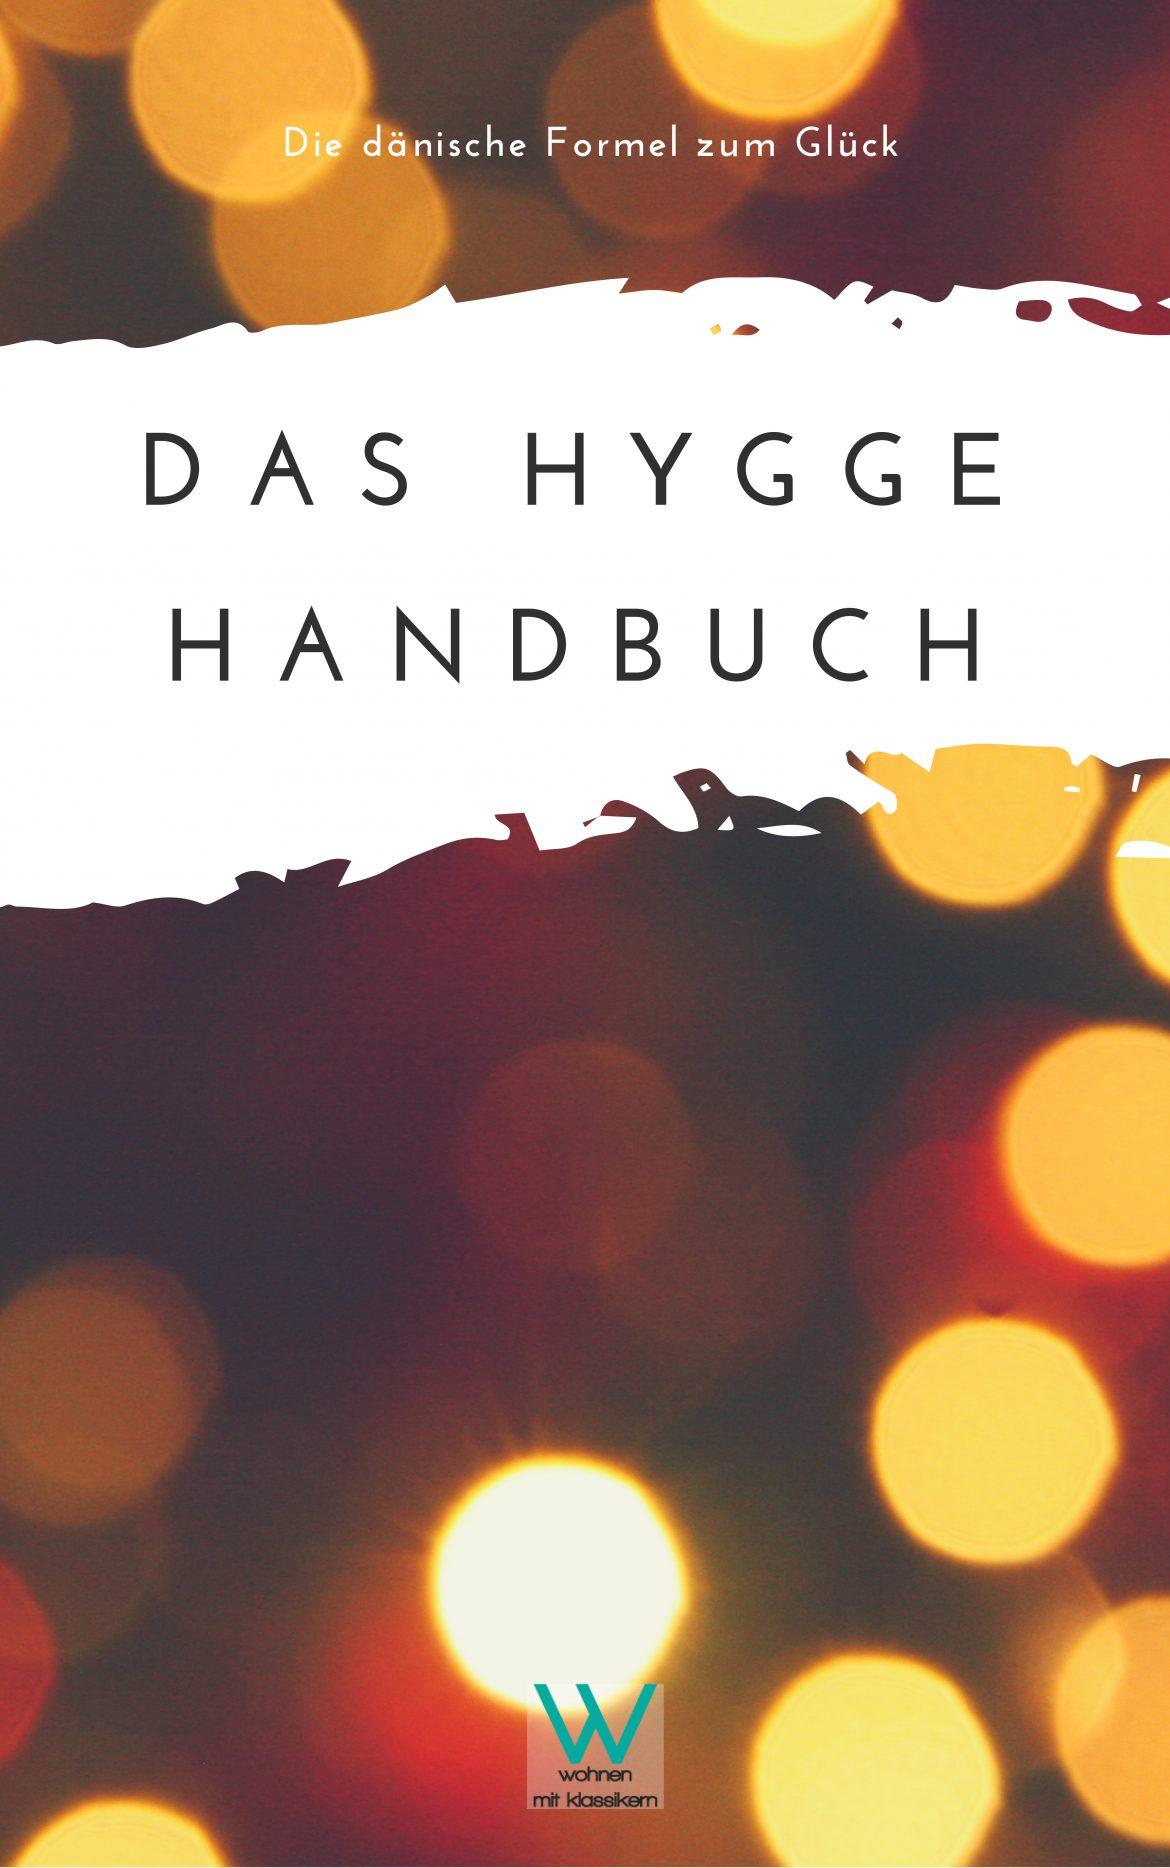 Ebuch: Ein Hygge-Stil Handbuch hygge-stil Ebuch: Ein Hygge-Stil Handbuch Das Hygge Handbuch 1